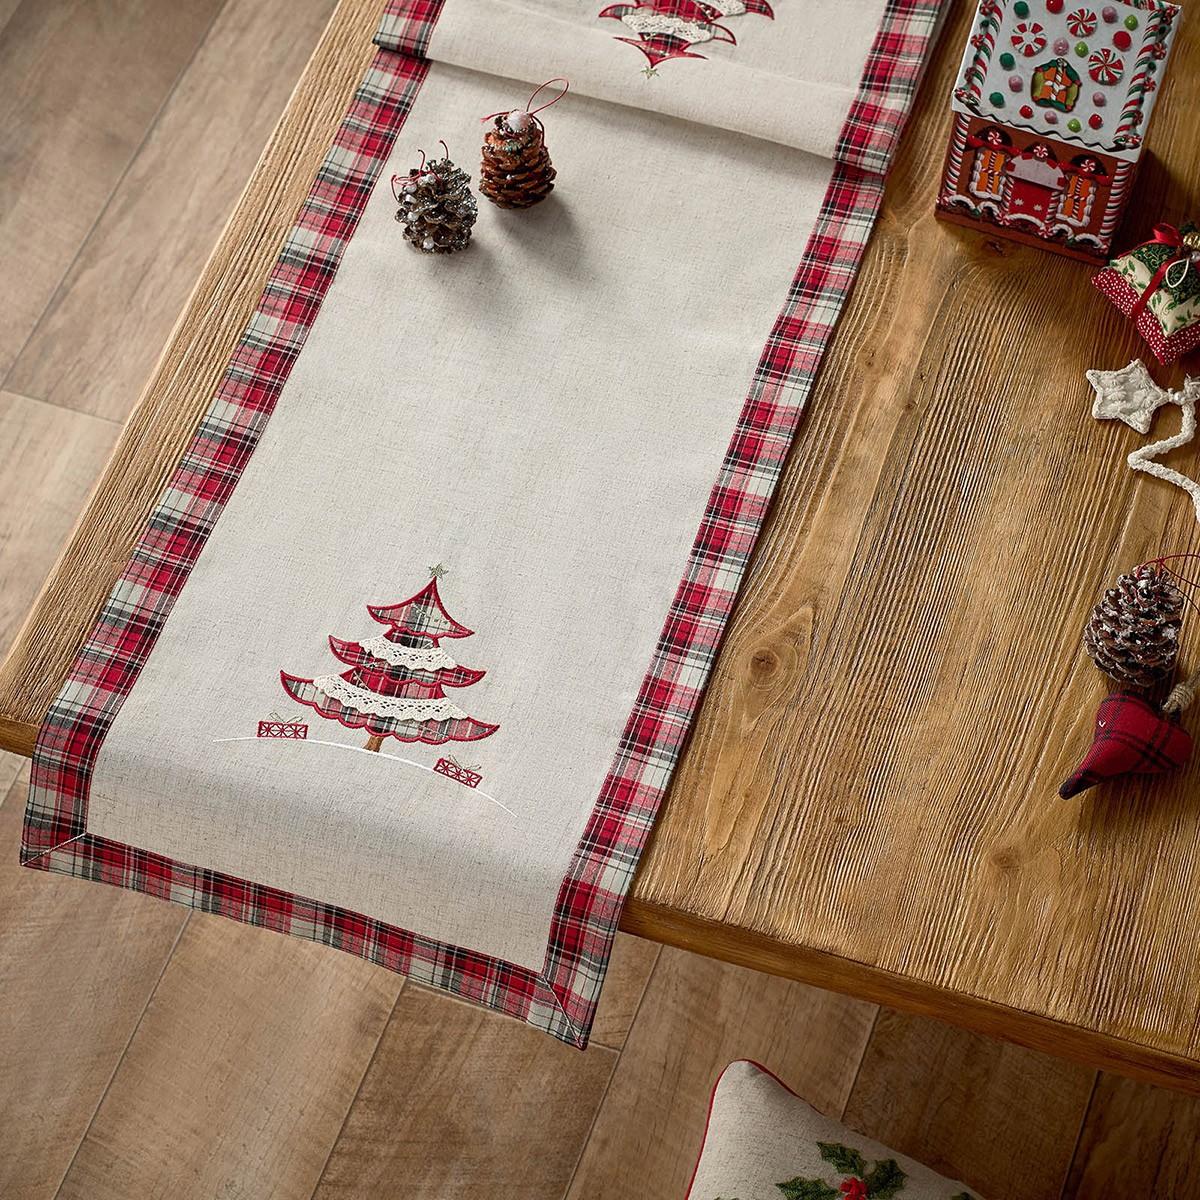 Χριστουγεννιάτικη Τραβέρσα Gofis Home 686